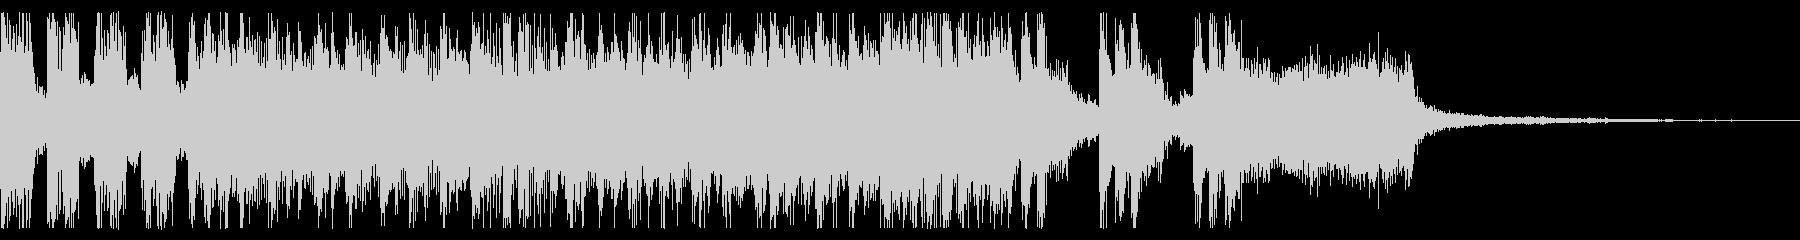 レトロゲーム風のクールなジングルの未再生の波形